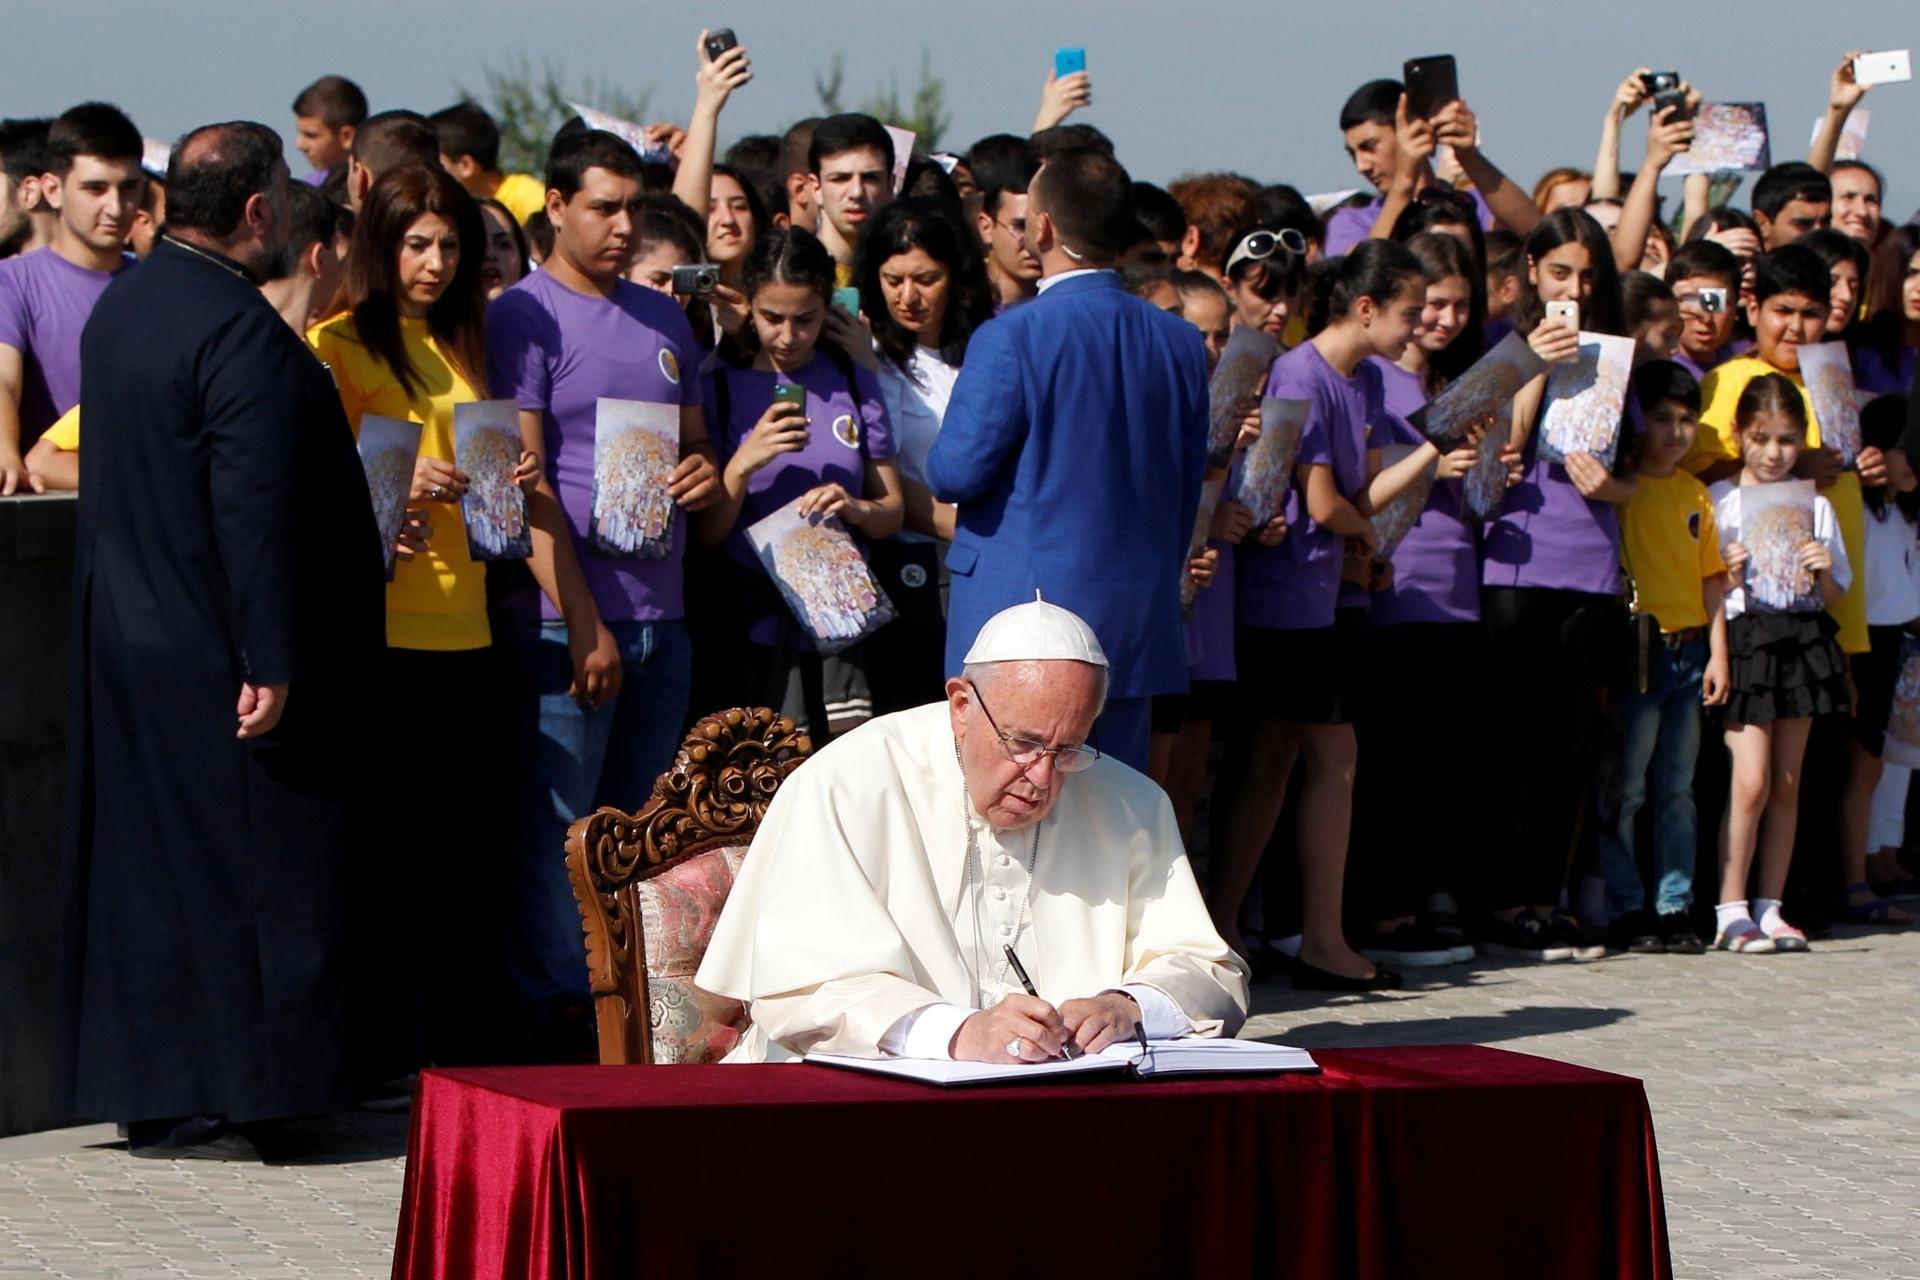 25.jun.2016 - Papa Francisco assina livro de visitas de memorial que lembra as vítimas do genocídio na Armênia, no início do século XX, em seu segundo dia de viagem ao país asiático. O pontífice fez uma oração e colocou uma coroa de flores no local